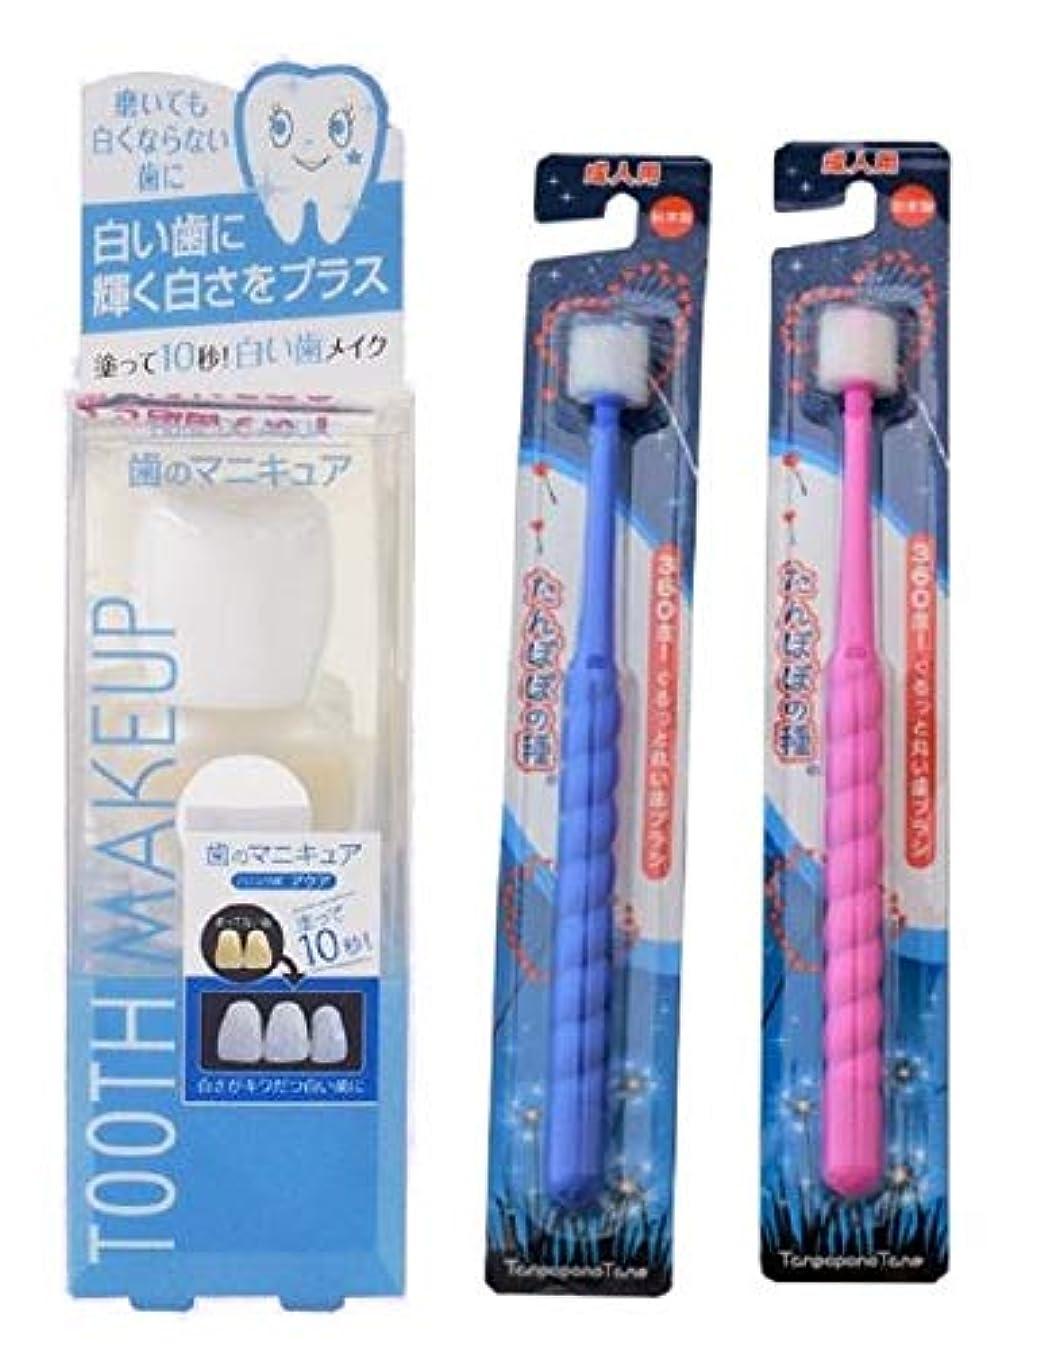 排気アグネスグレイおもしろいハニックDCアクア たんぽぽの種歯ブラシ2本セット